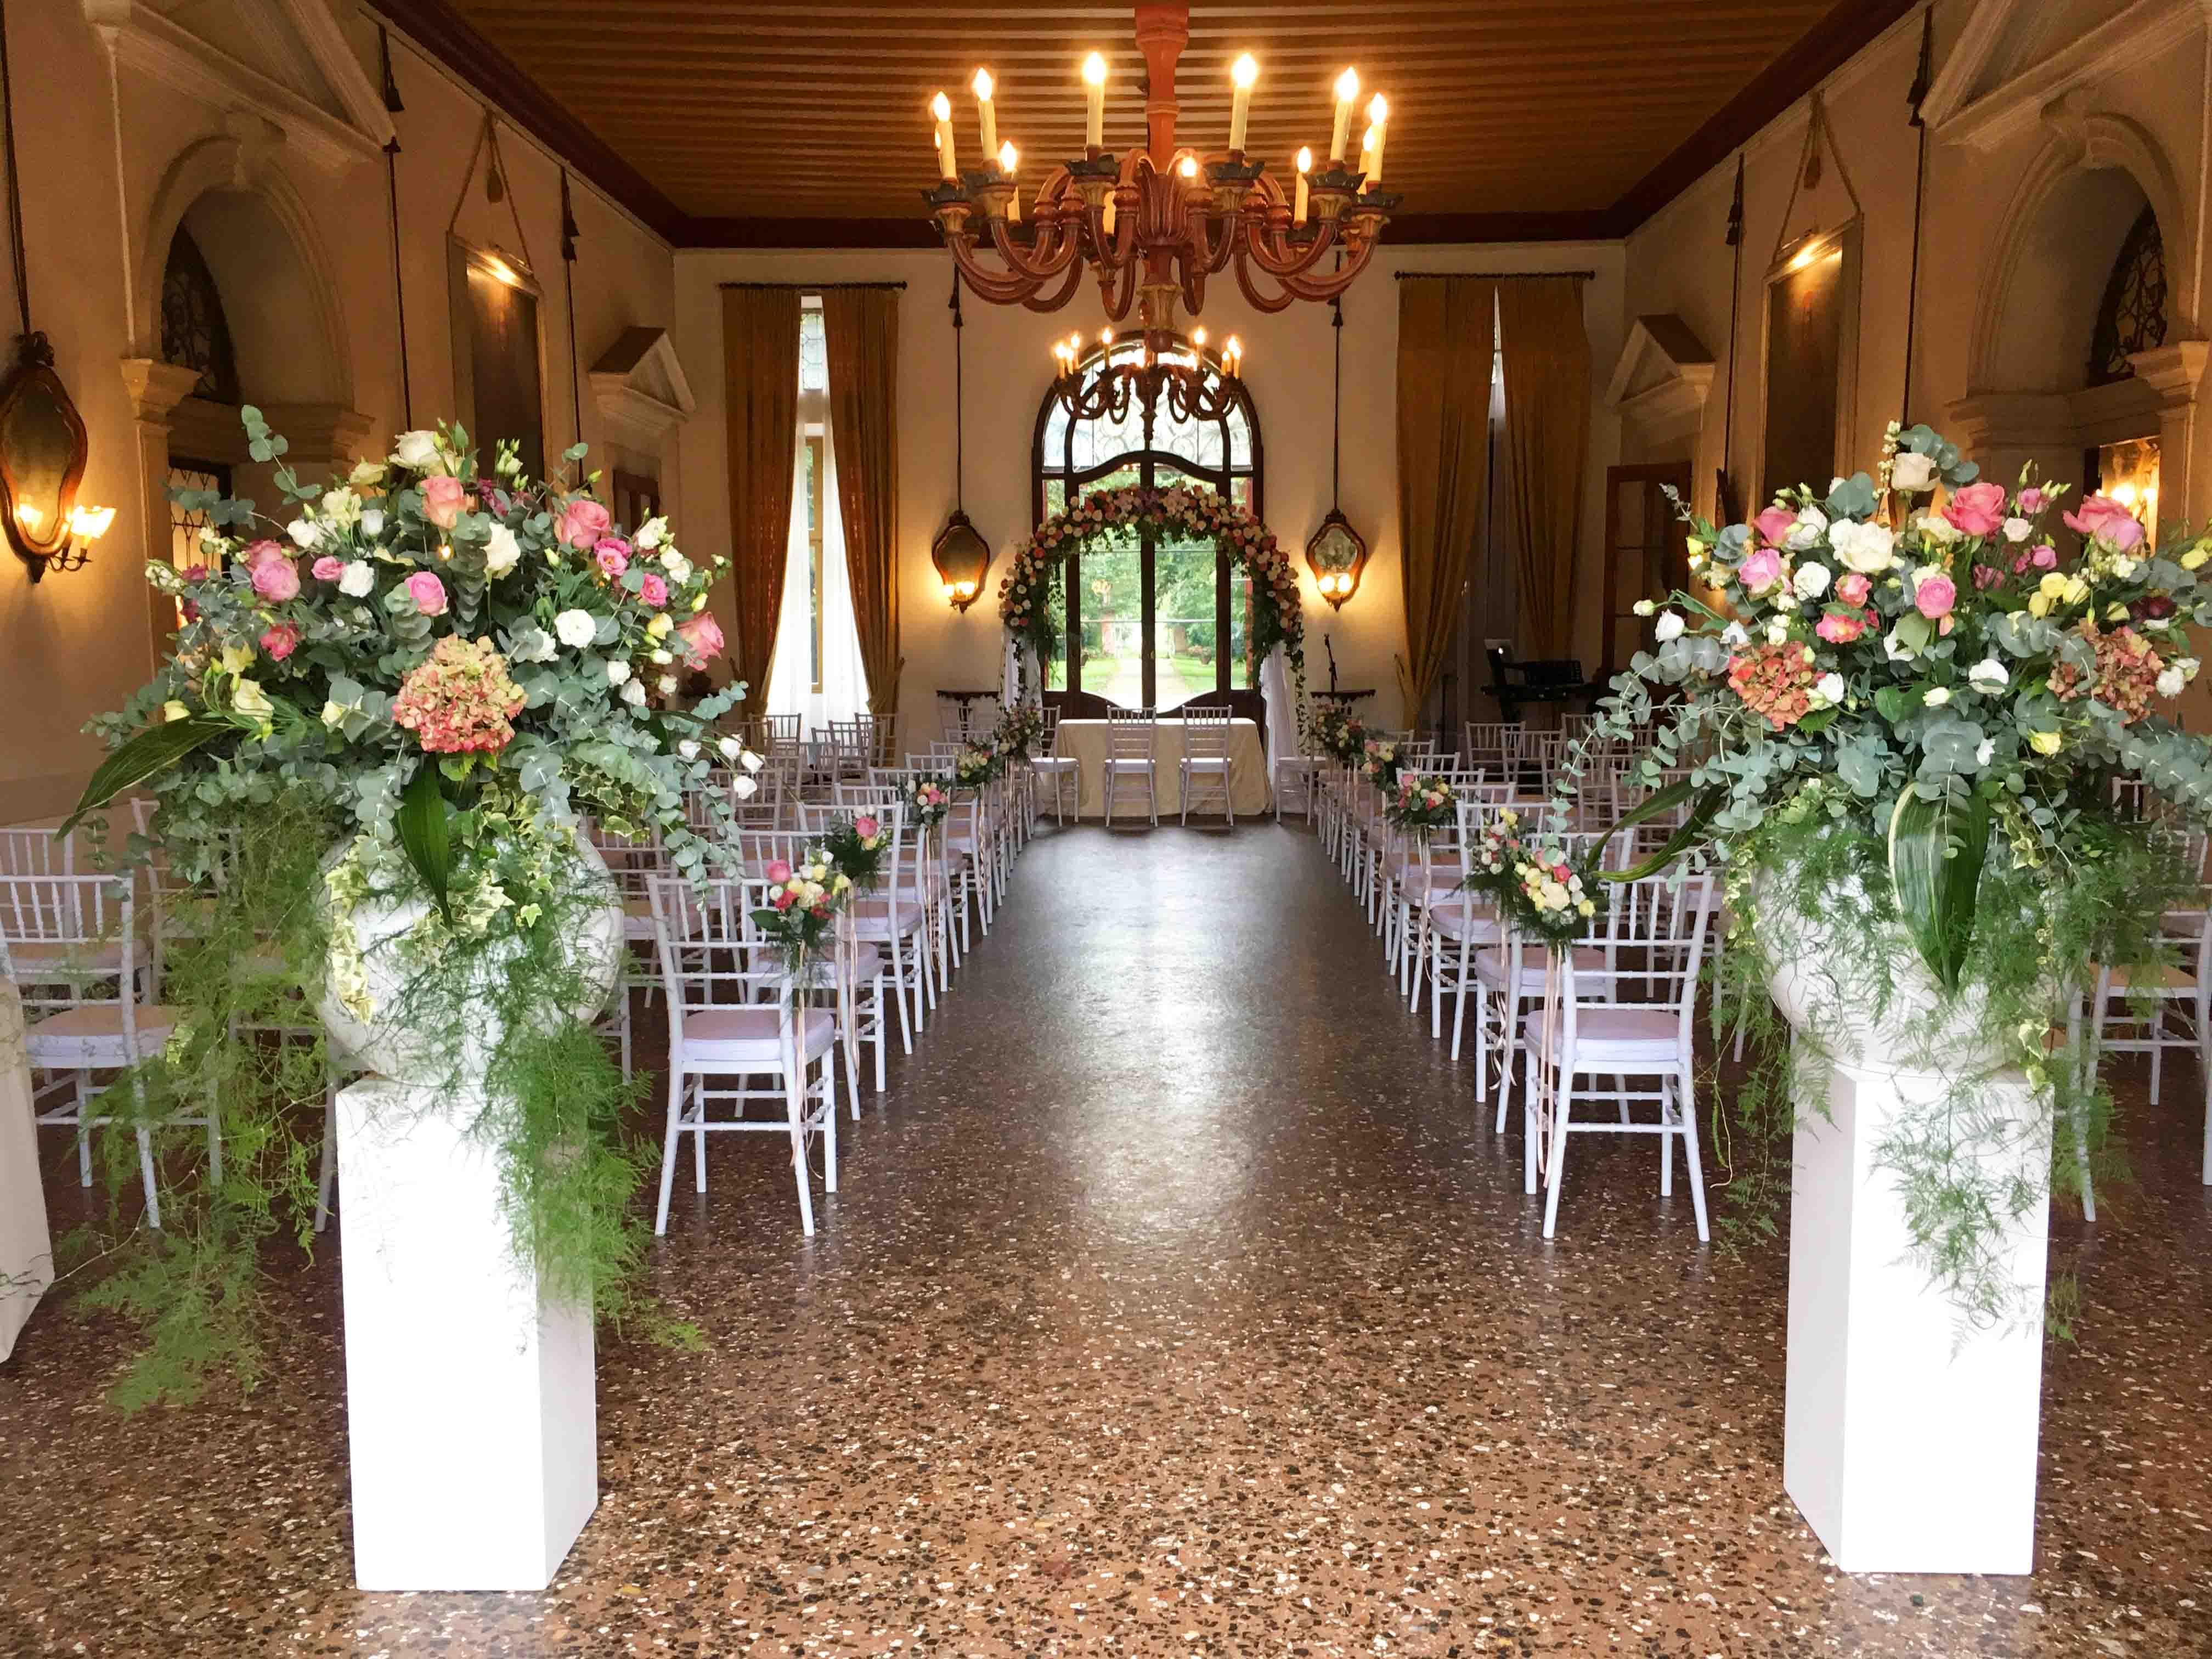 Matrimonio Civile Villa Toscana : Matrimoni civili toscana in le migliori